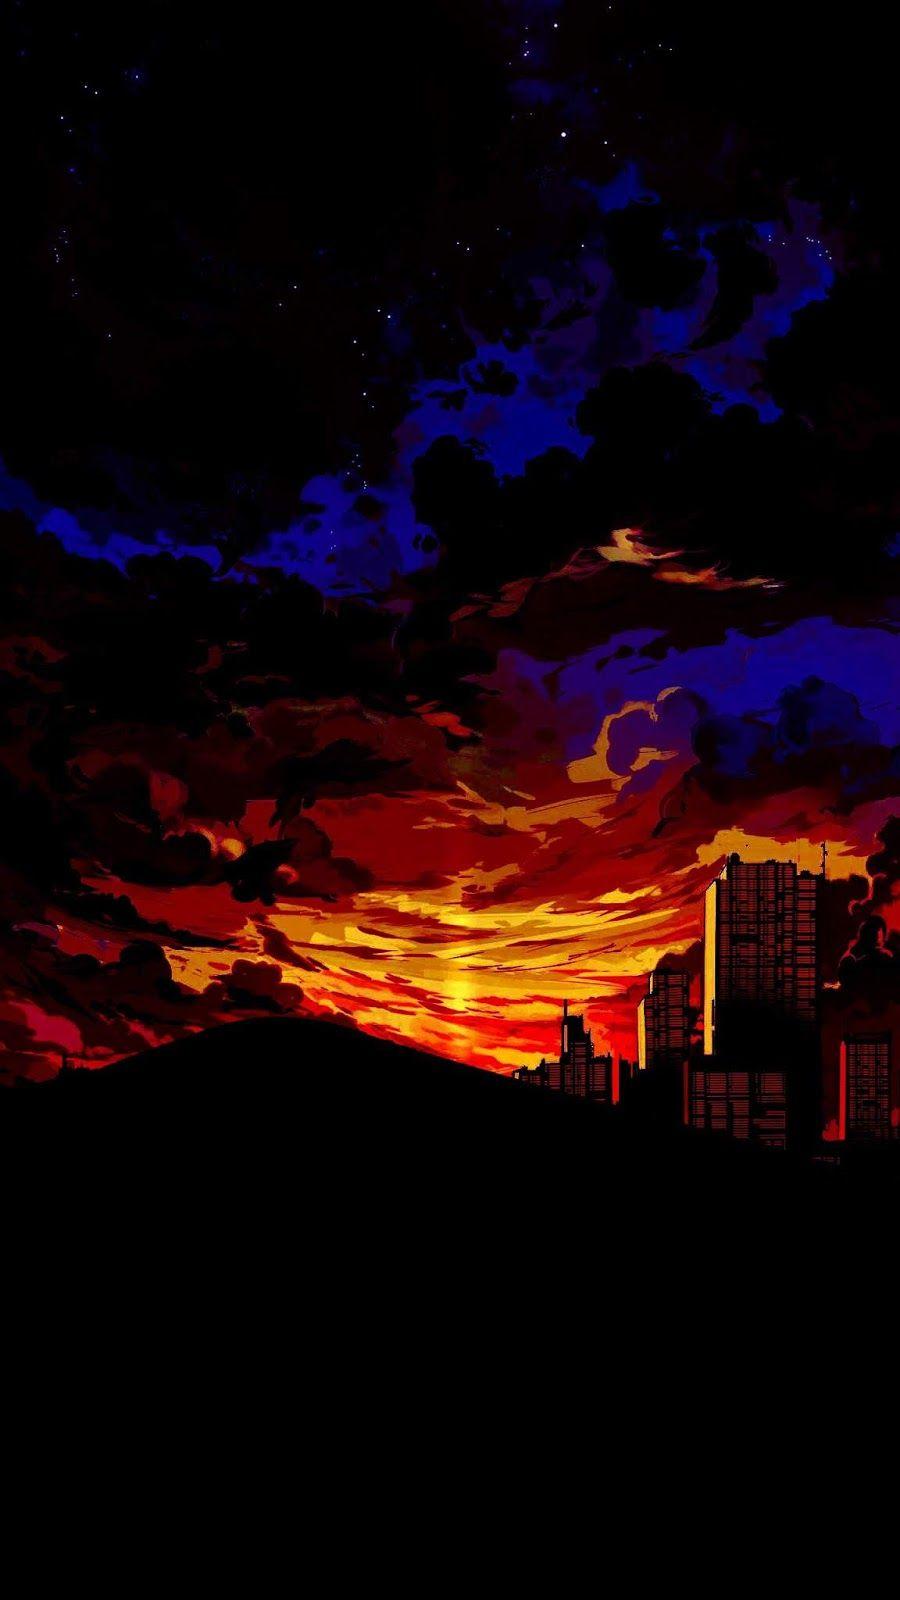 Anime Sunset In The Desert Wallpaper Aesthetic Wallpapers